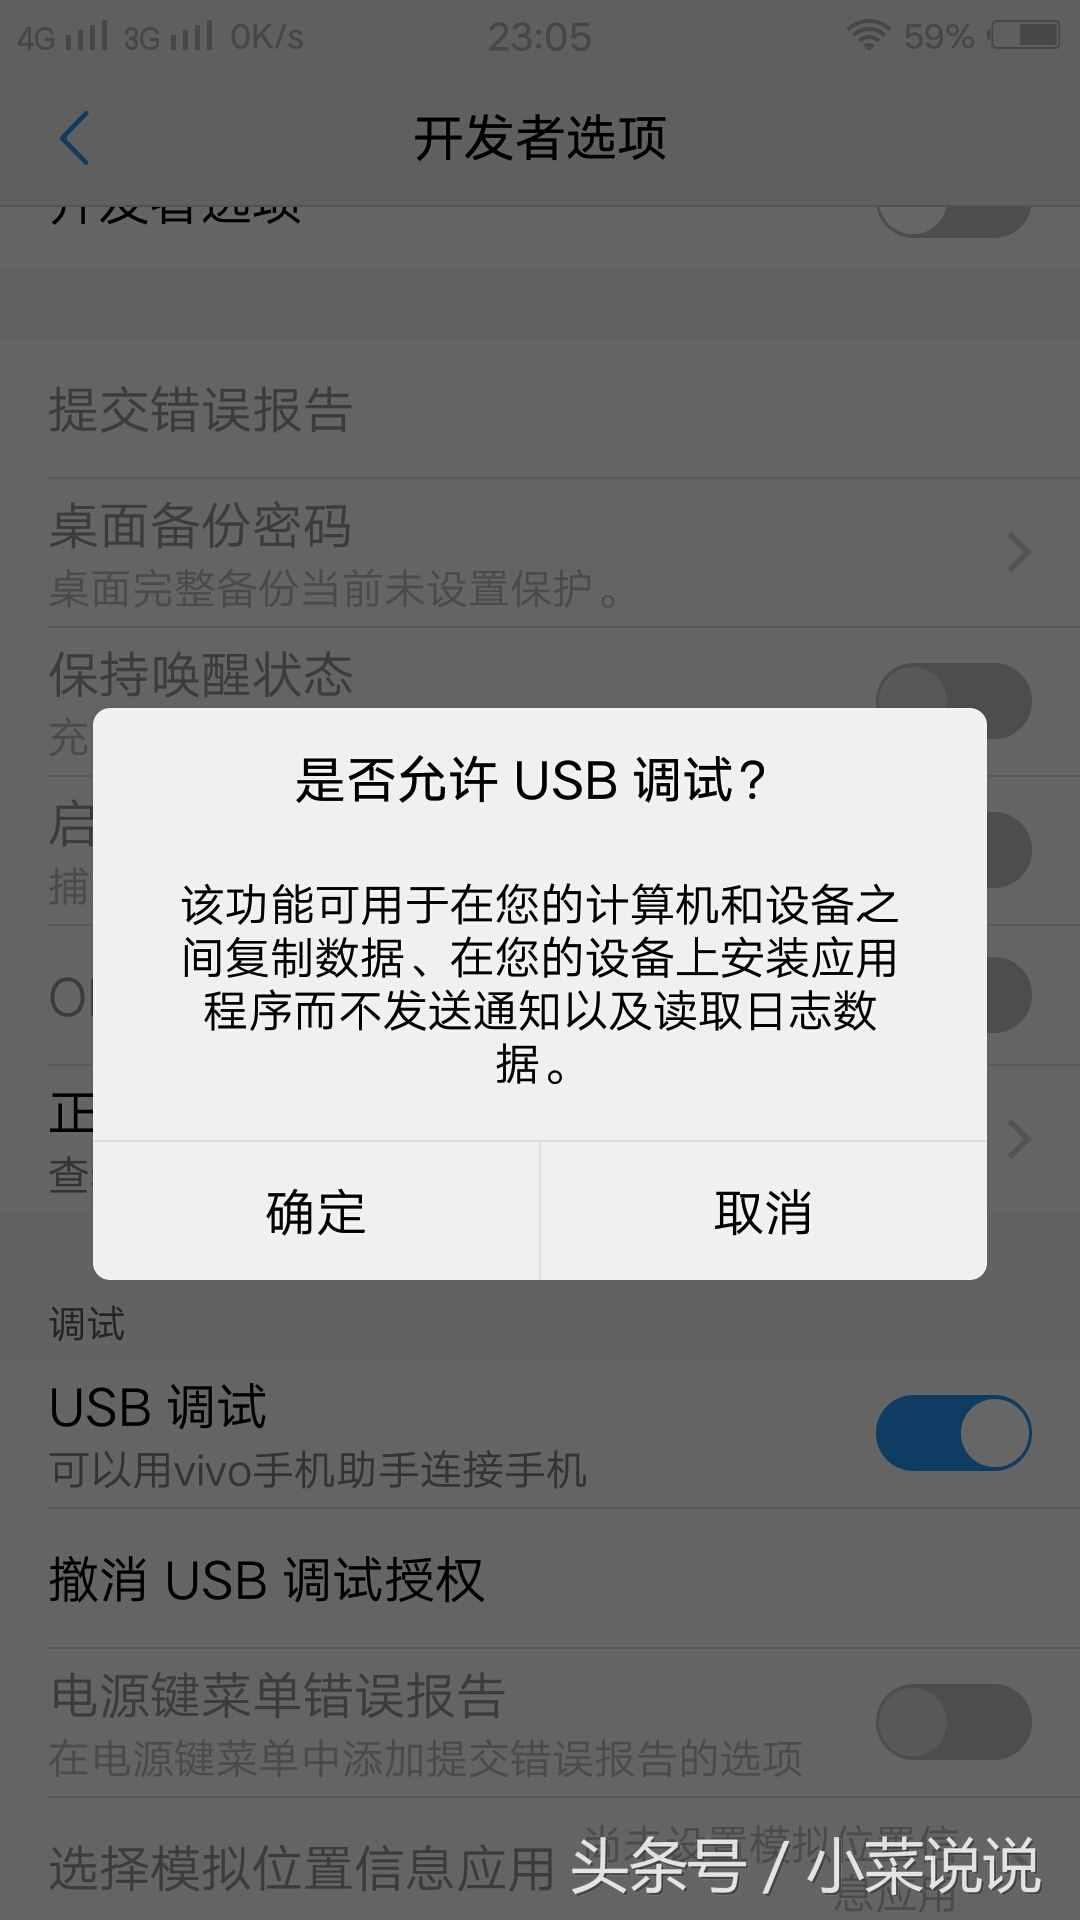 安卓手机怎么拷贝文件到电脑?怎么连接电脑?怎么打开USB调试?图文解析!